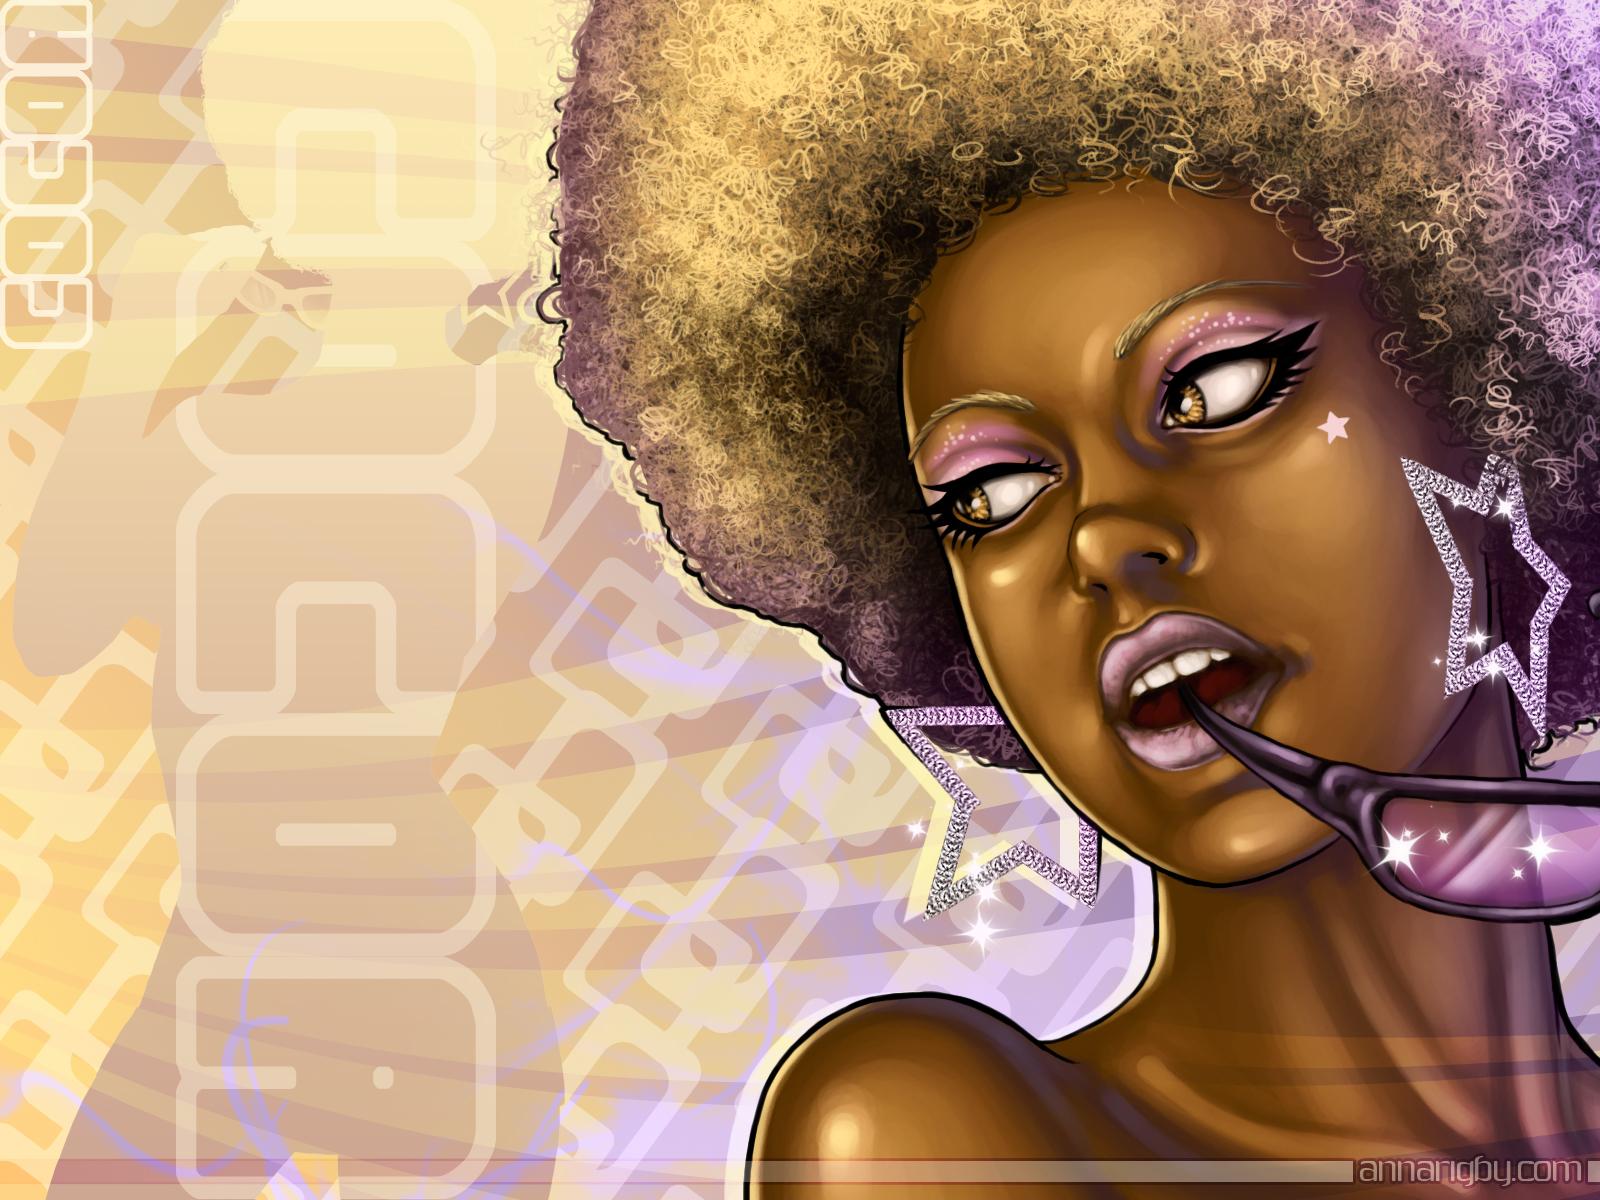 http://3.bp.blogspot.com/-BerBgBTStK0/T1eF-T4QNeI/AAAAAAAAADQ/sqVgJucSgig/s1600/Retro_Cocoa_Wallpaper_by_Cyzra.jpg